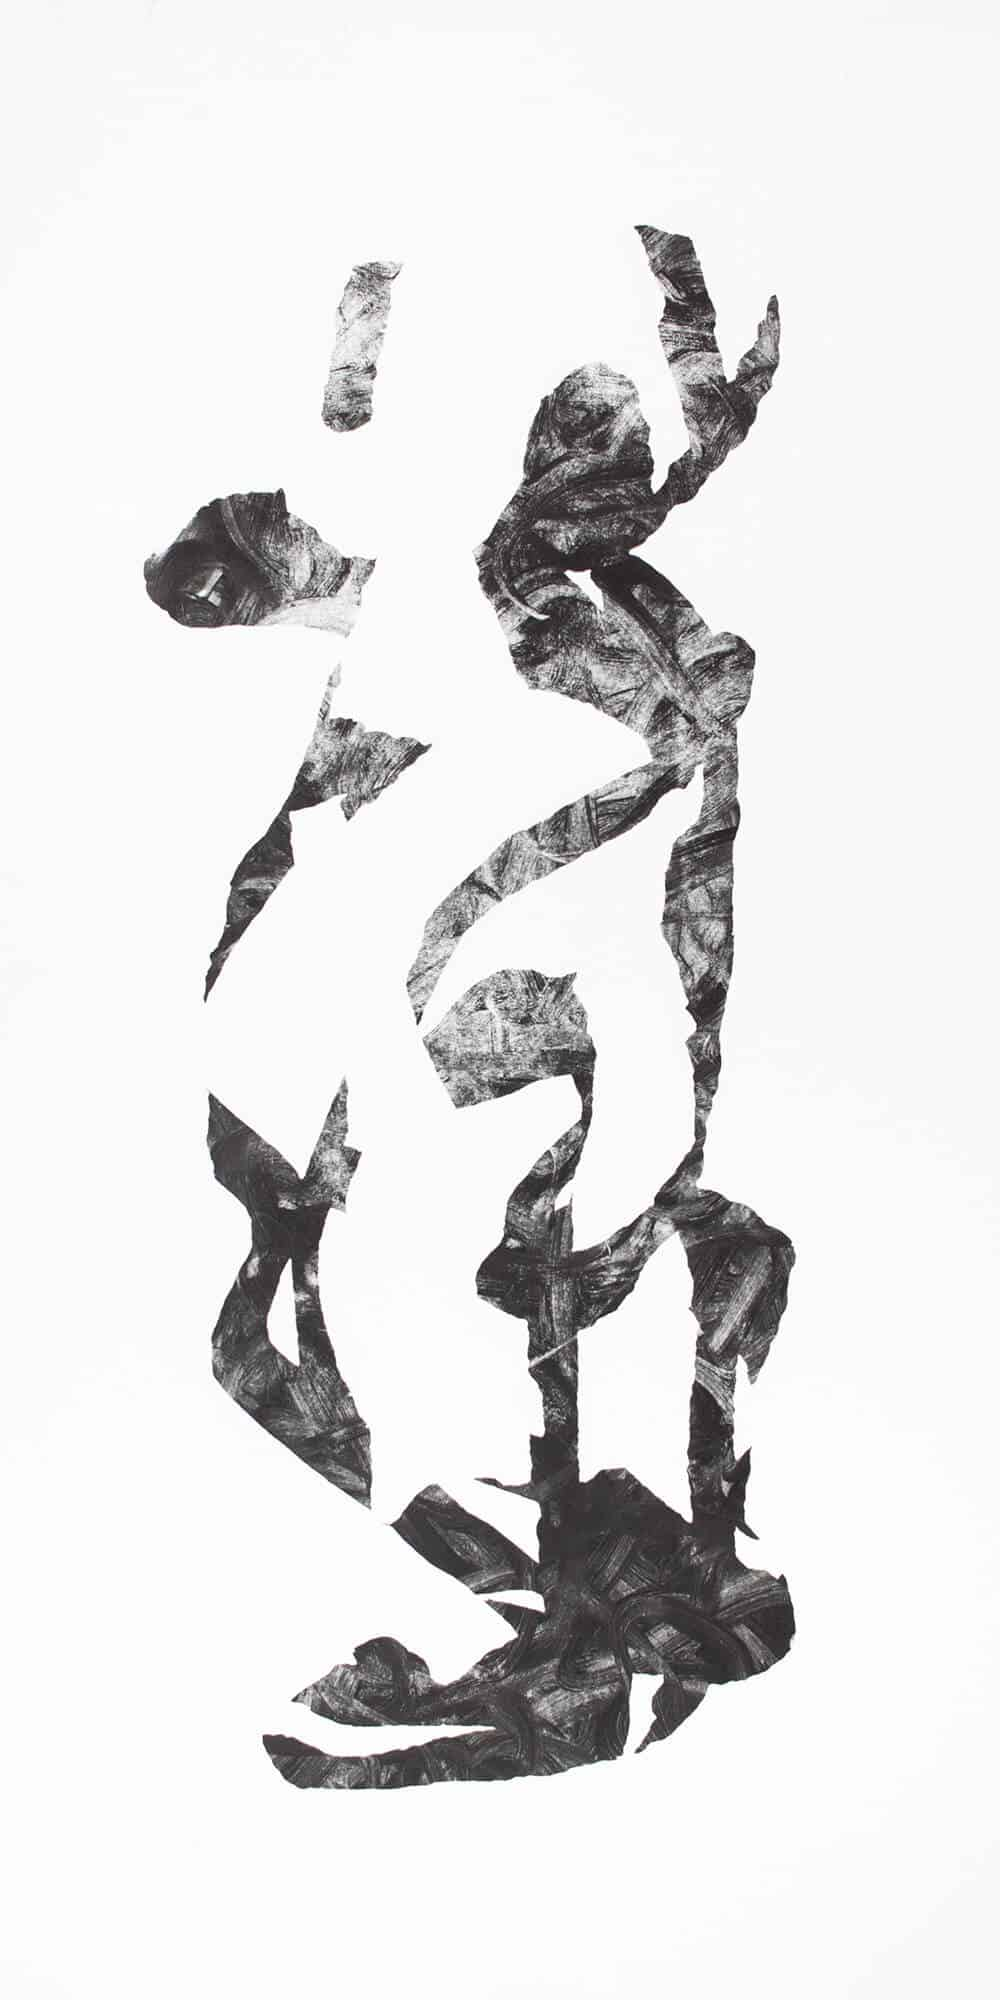 Dale Lawrence, Garnish for the Salad, 2017. Monotipo su carta, 100 x 50 cm. Per gentile concessione di SMITH Studios